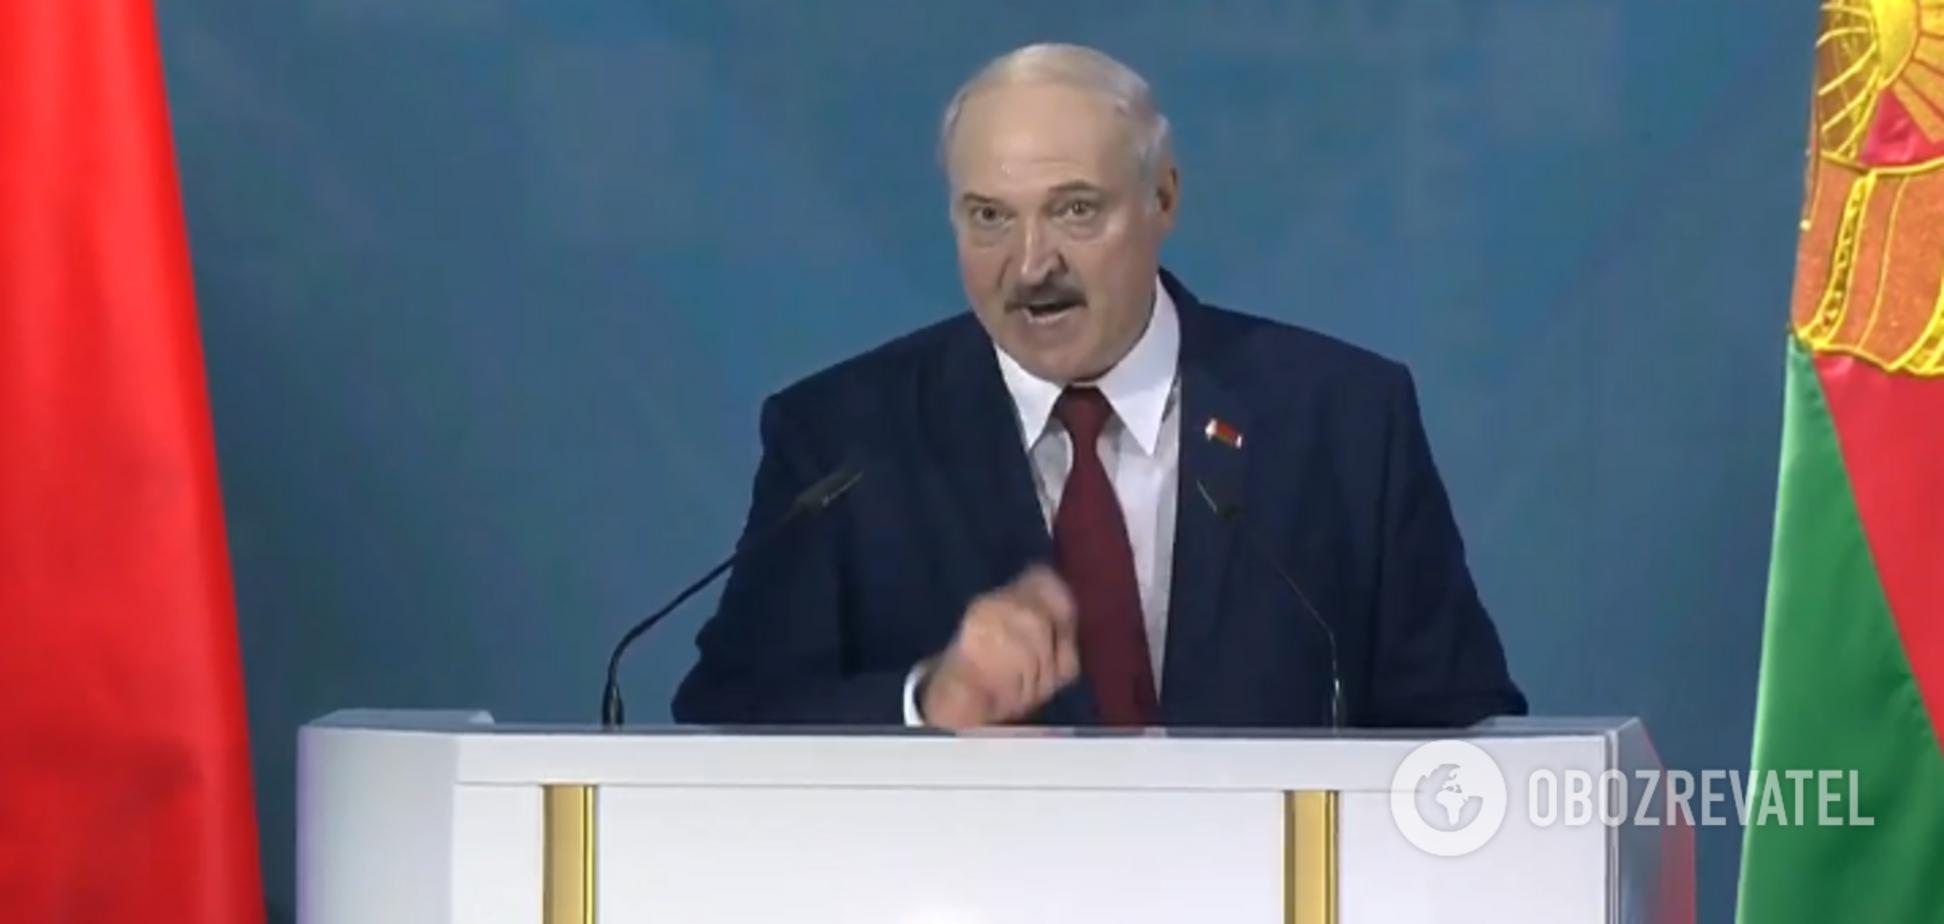 Лукашенко пригрозил России из-за переброски нового отряда наемников в Беларусь